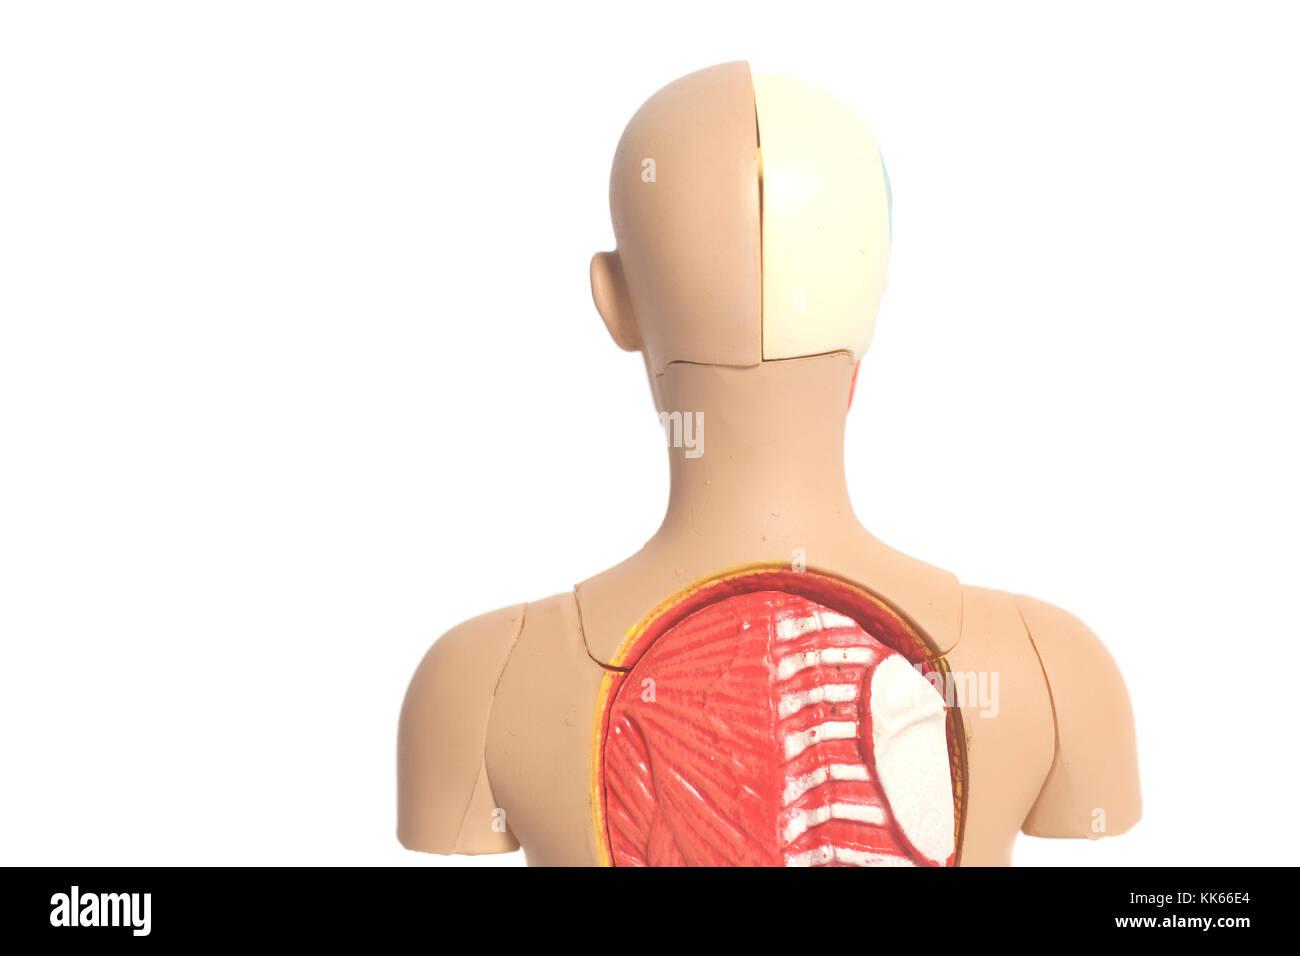 Beste Huhn Anatomie Modell Zeitgenössisch - Menschliche Anatomie ...